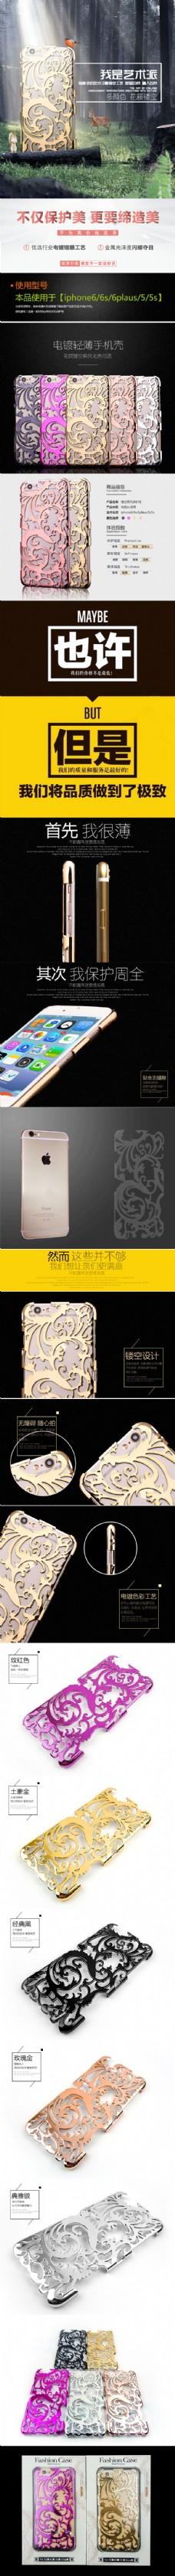 手机壳详情页苹果 iPhone6详情页